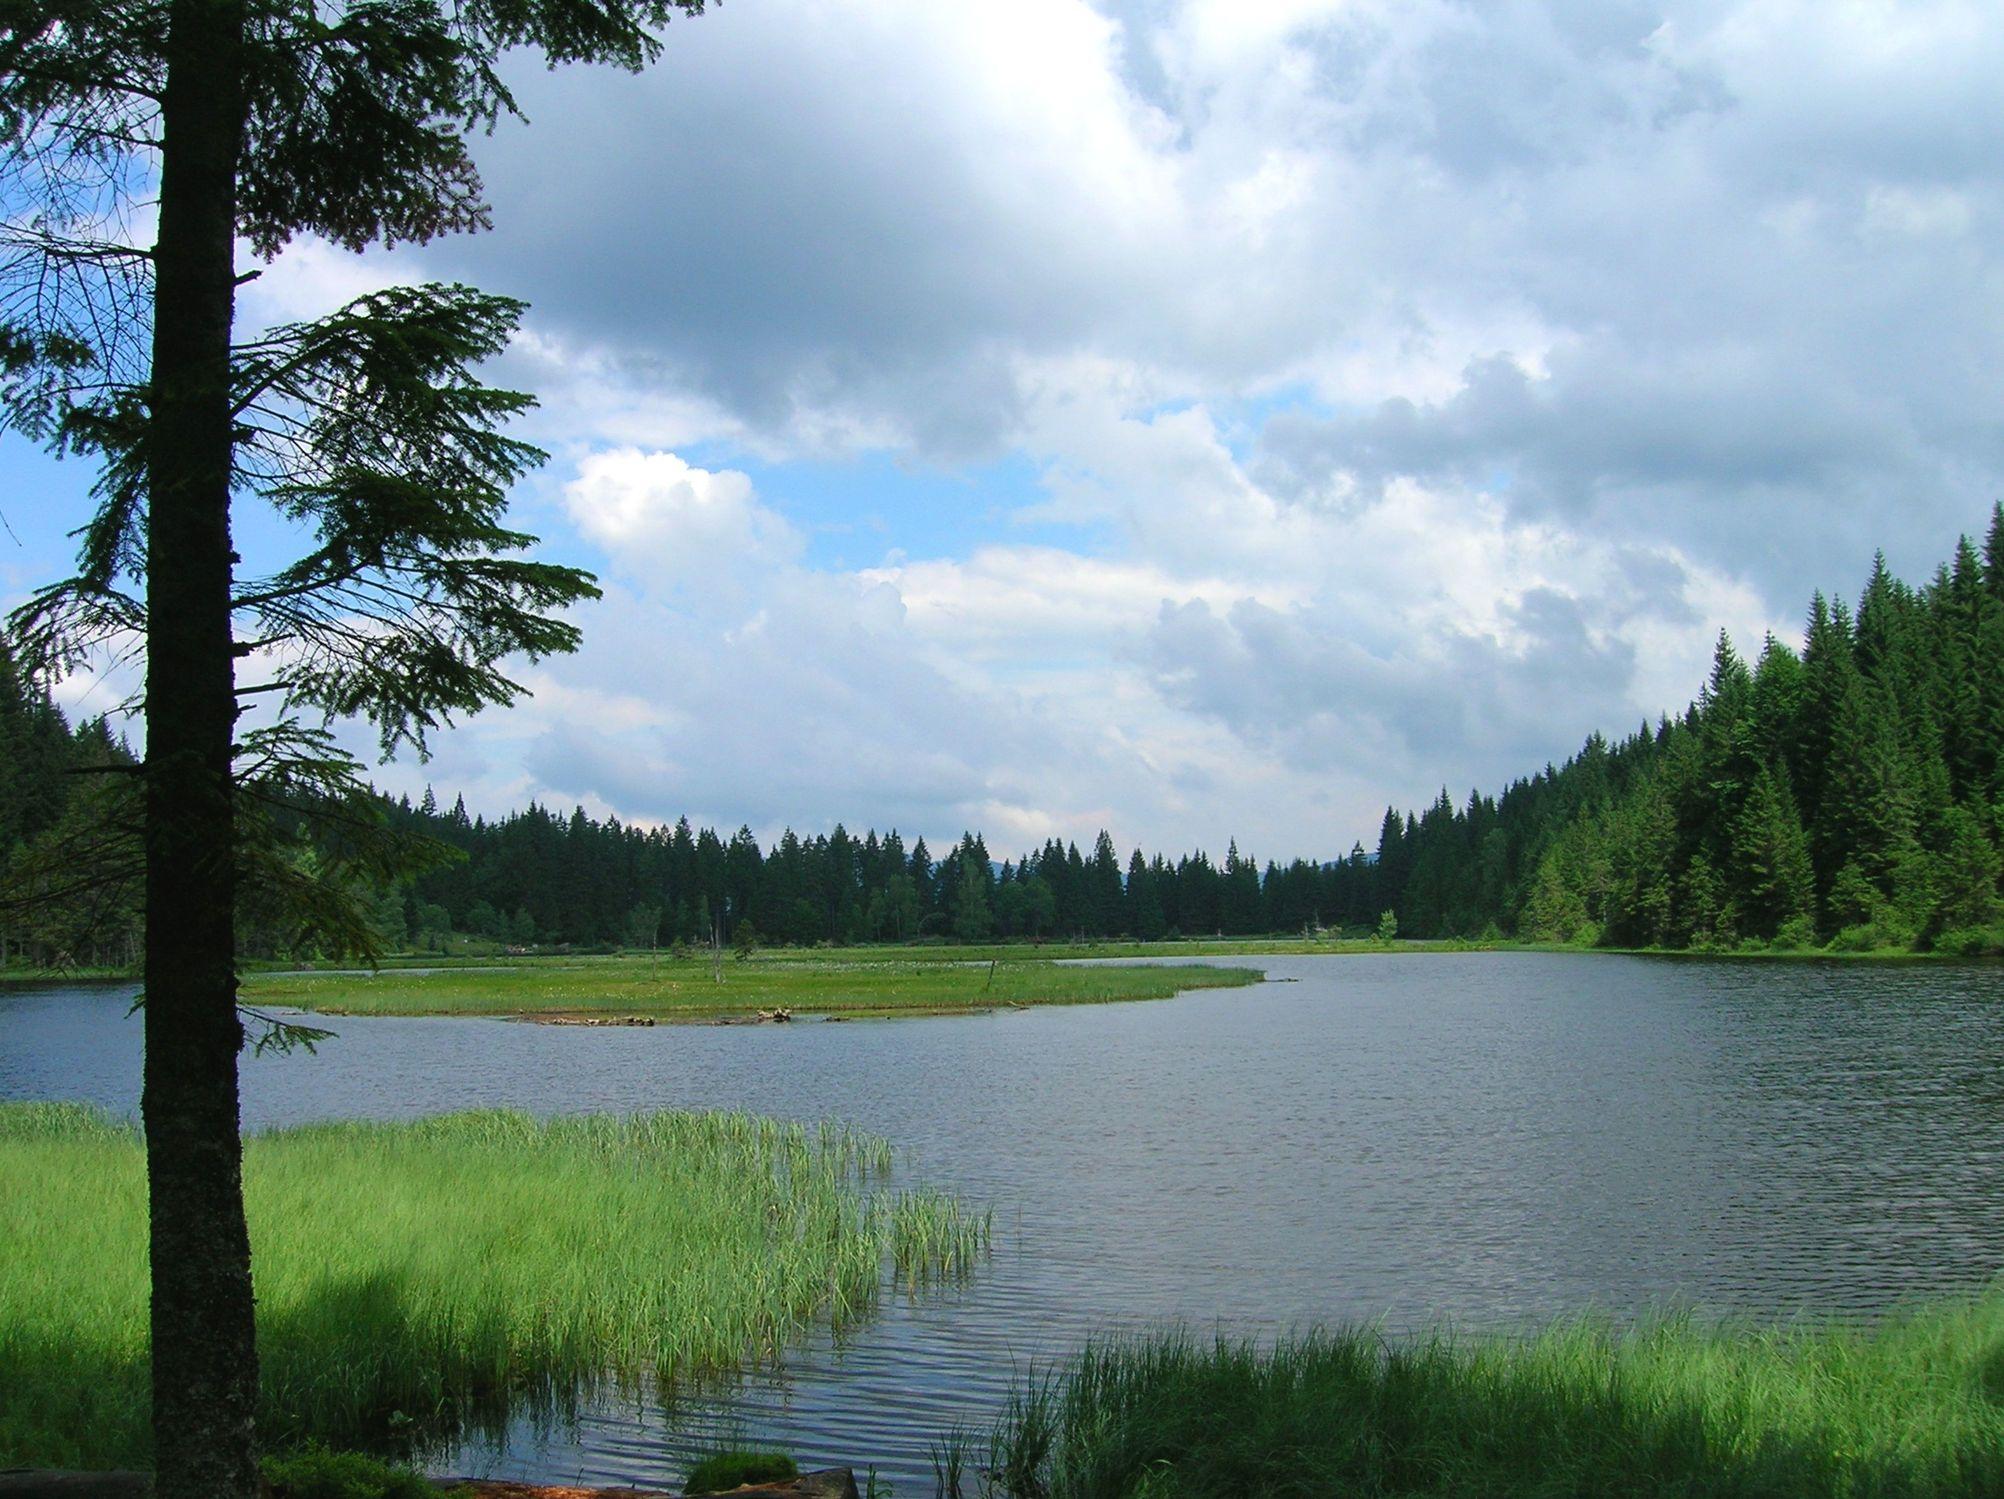 Bild mit Natur, Wasser, Grün, Gräser, Bäume, Gewässer, Küsten und Ufer, Seen, Flüsse, Teiche, Stauseen, Bergsee, See